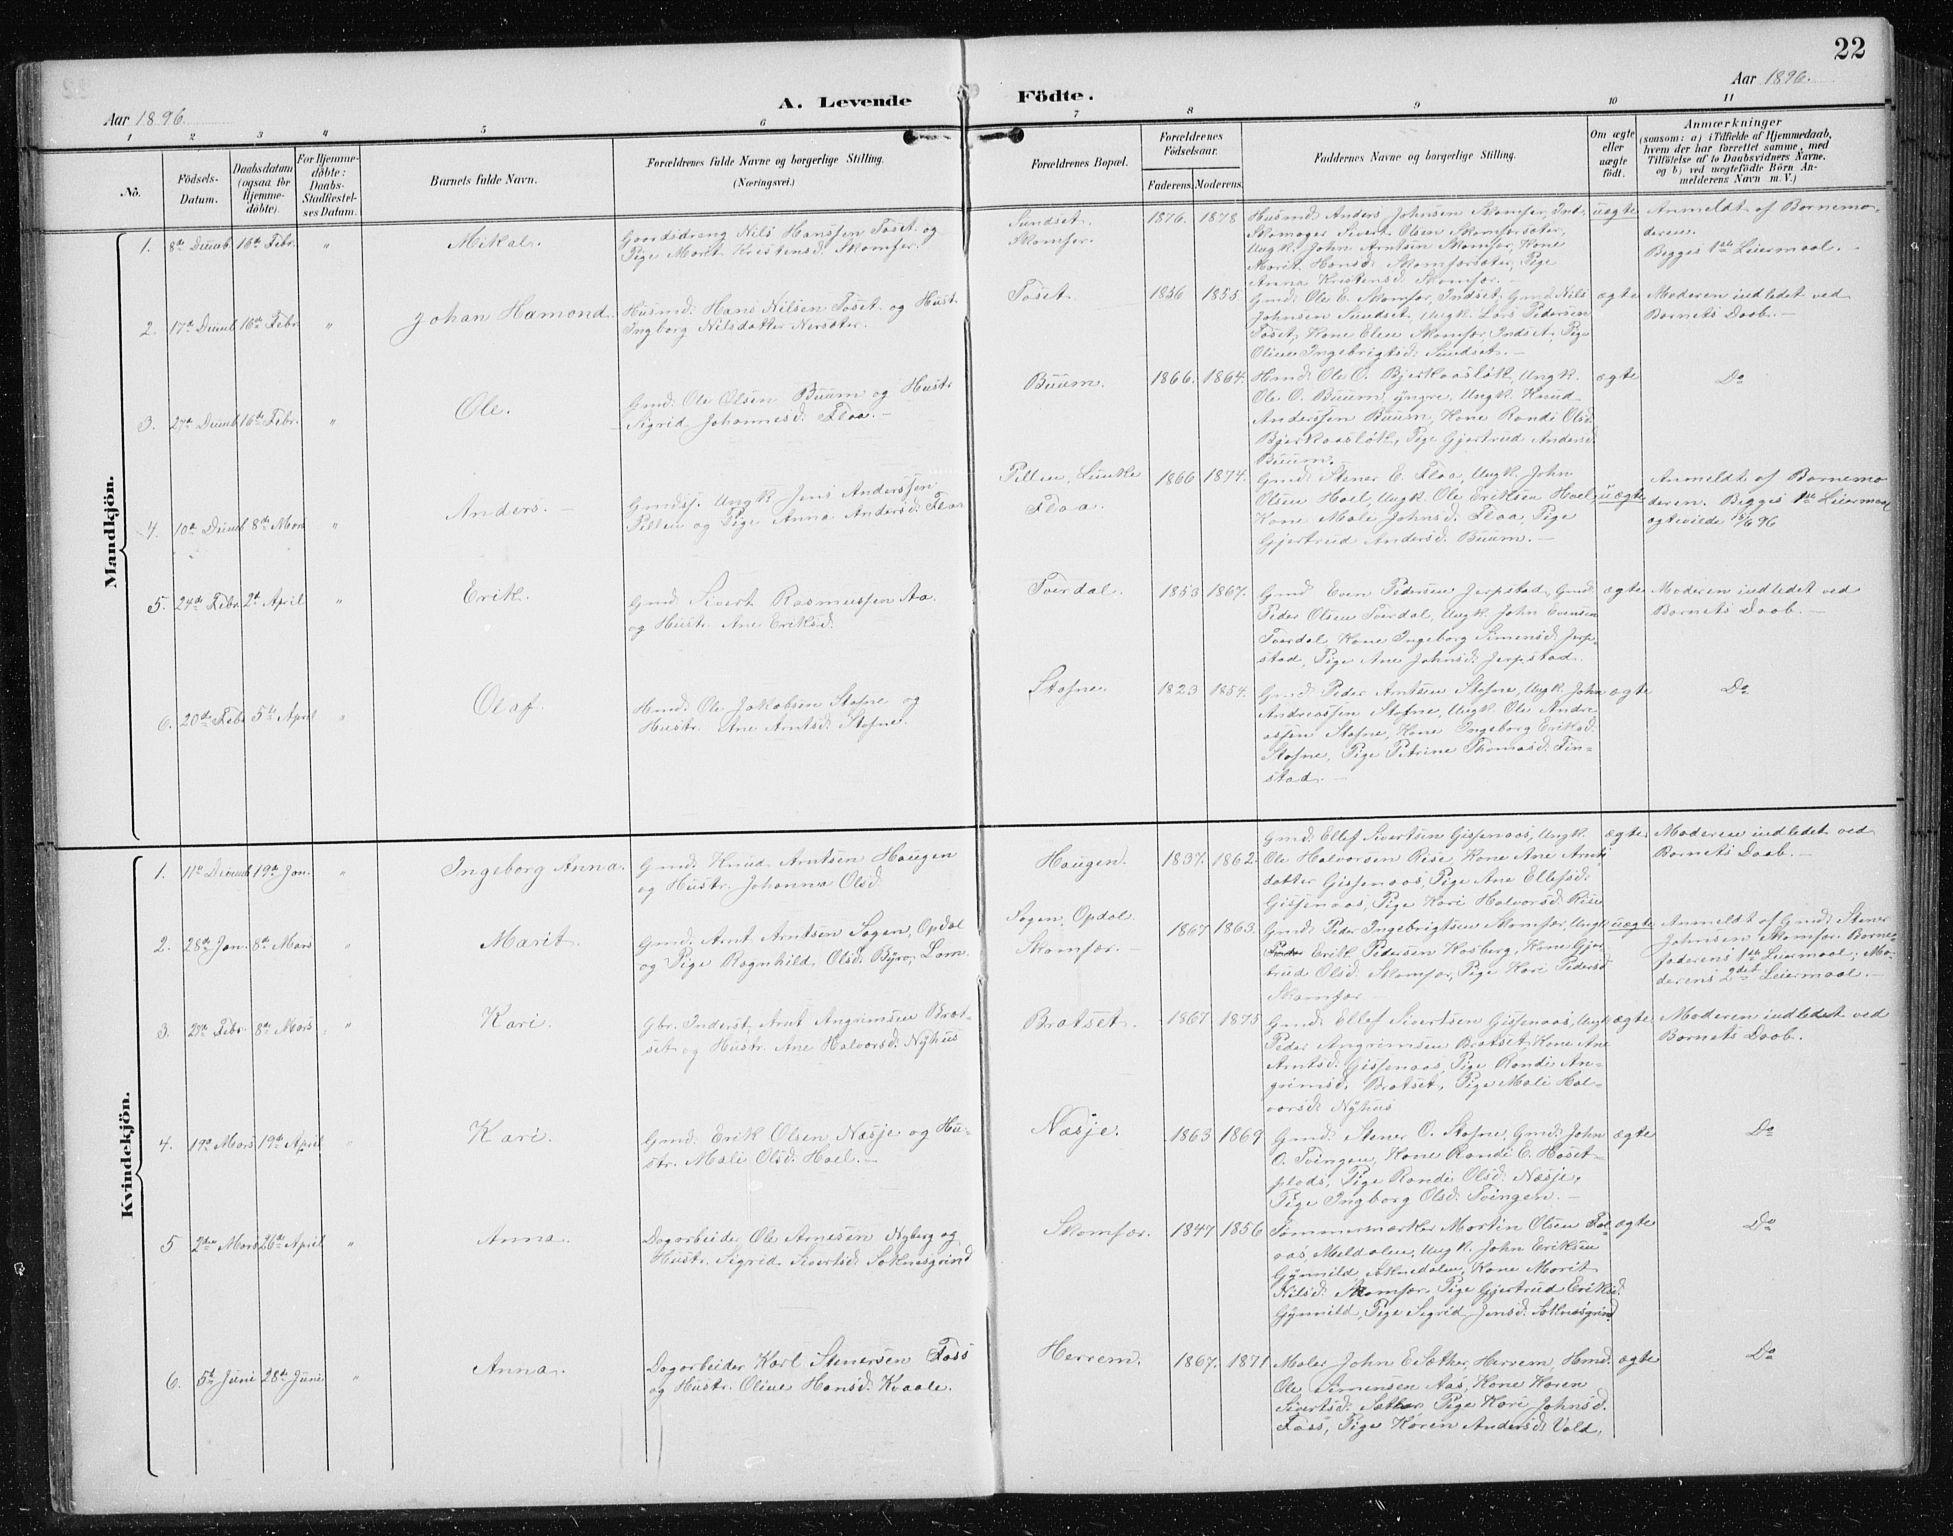 SAT, Ministerialprotokoller, klokkerbøker og fødselsregistre - Sør-Trøndelag, 674/L0876: Klokkerbok nr. 674C03, 1892-1912, s. 22